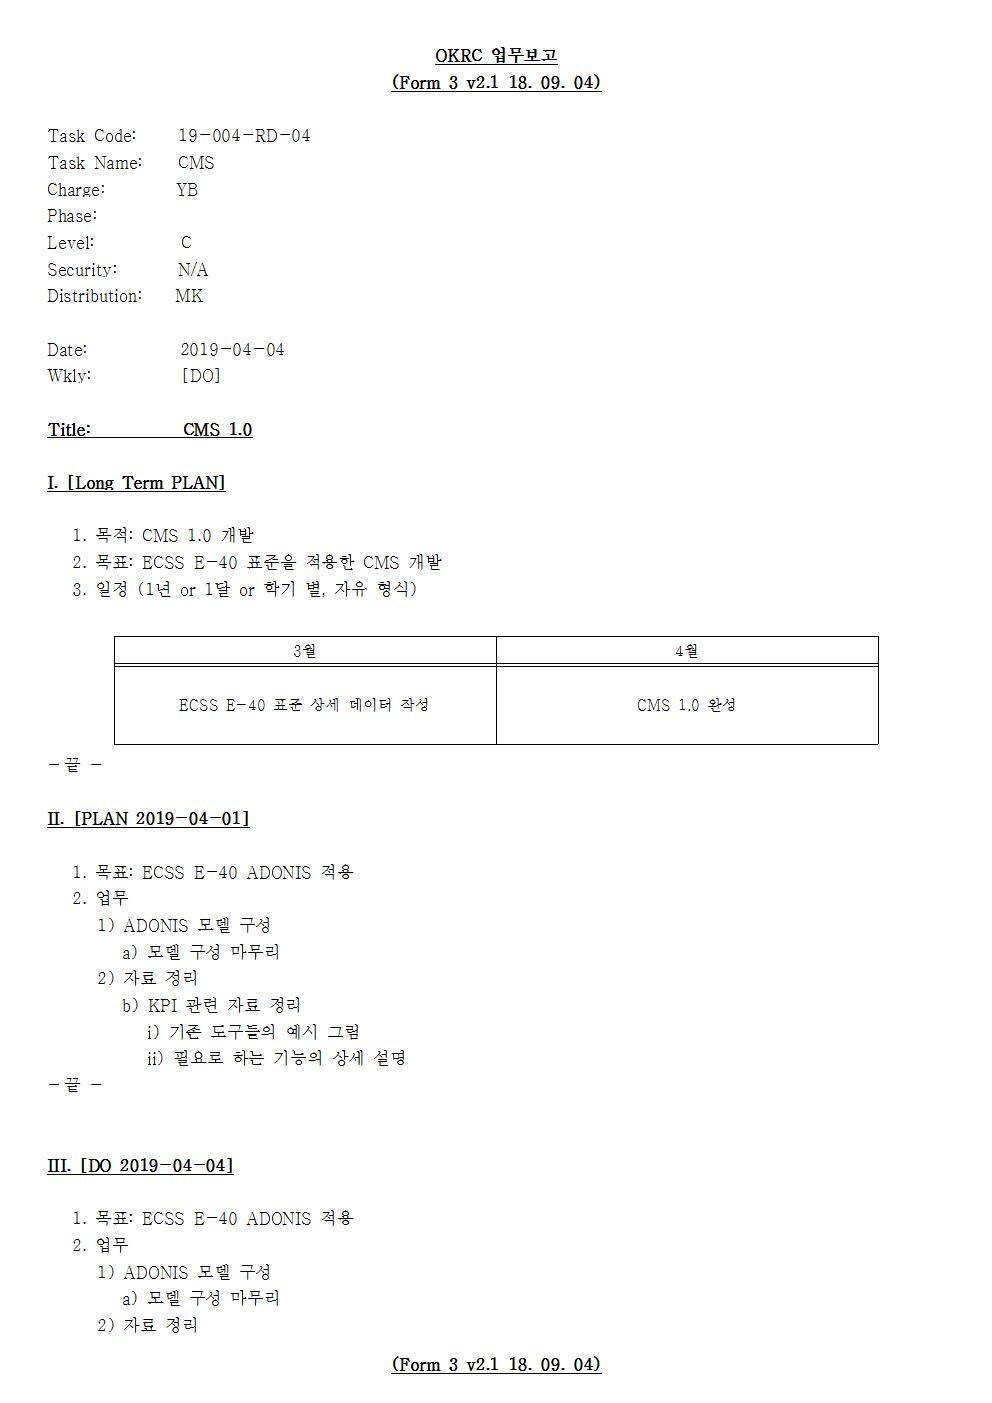 D-[19-004-RD-04]-[CMS]-[2019-04-04][YB]001.jpg